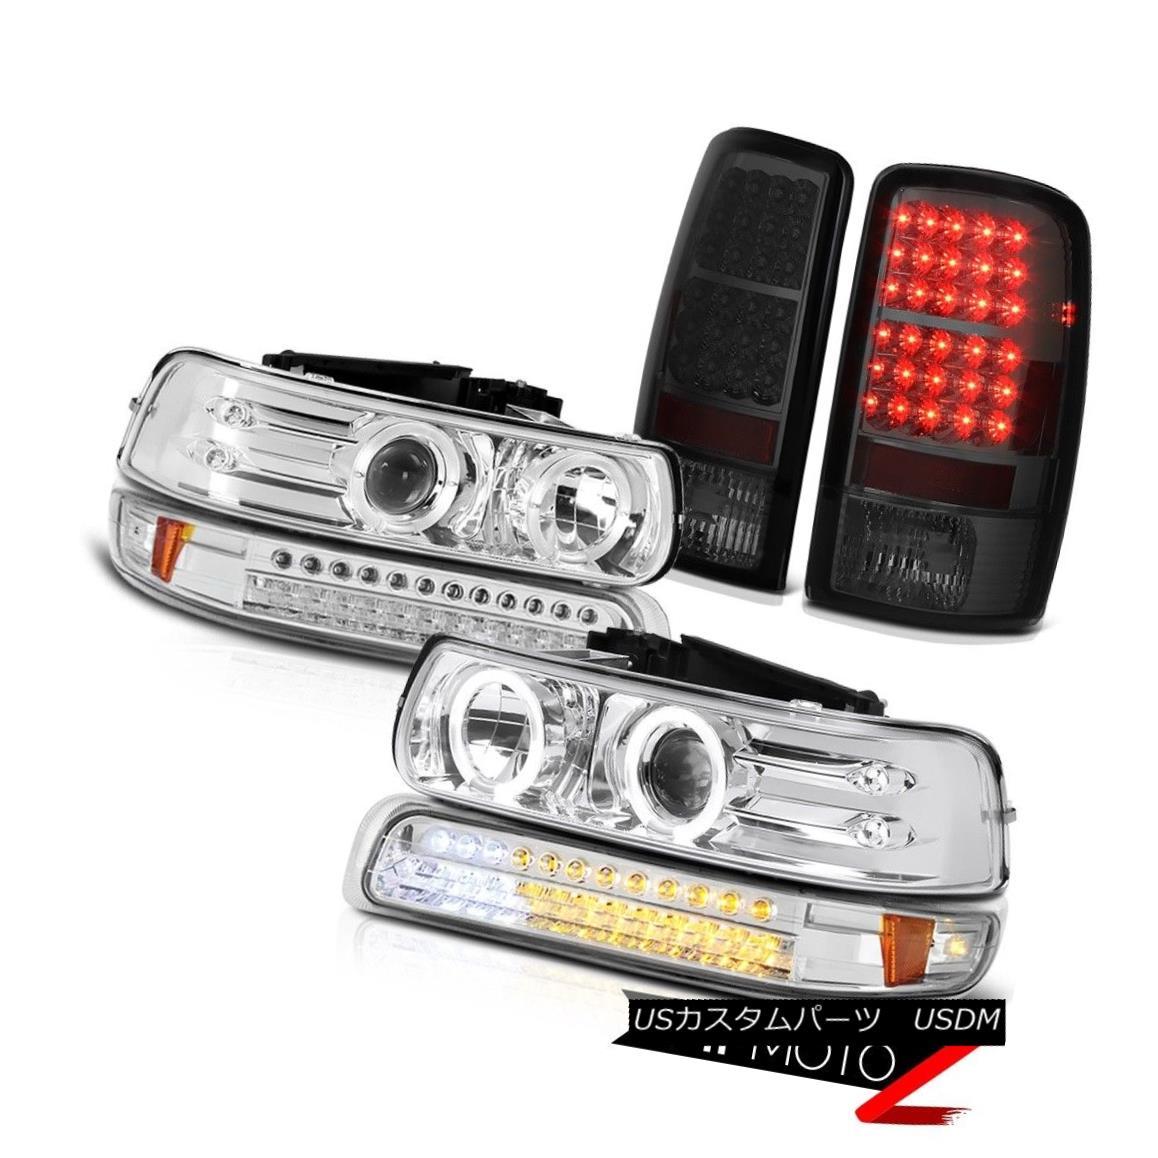 テールライト 2000-2006 Suburban 8.1L Chrome Projector Headlamps SMD Parking Brake Tail Lights 2000-2006郊外8.1LクロームプロジェクターヘッドランプSMDパーキングブレーキテールライト